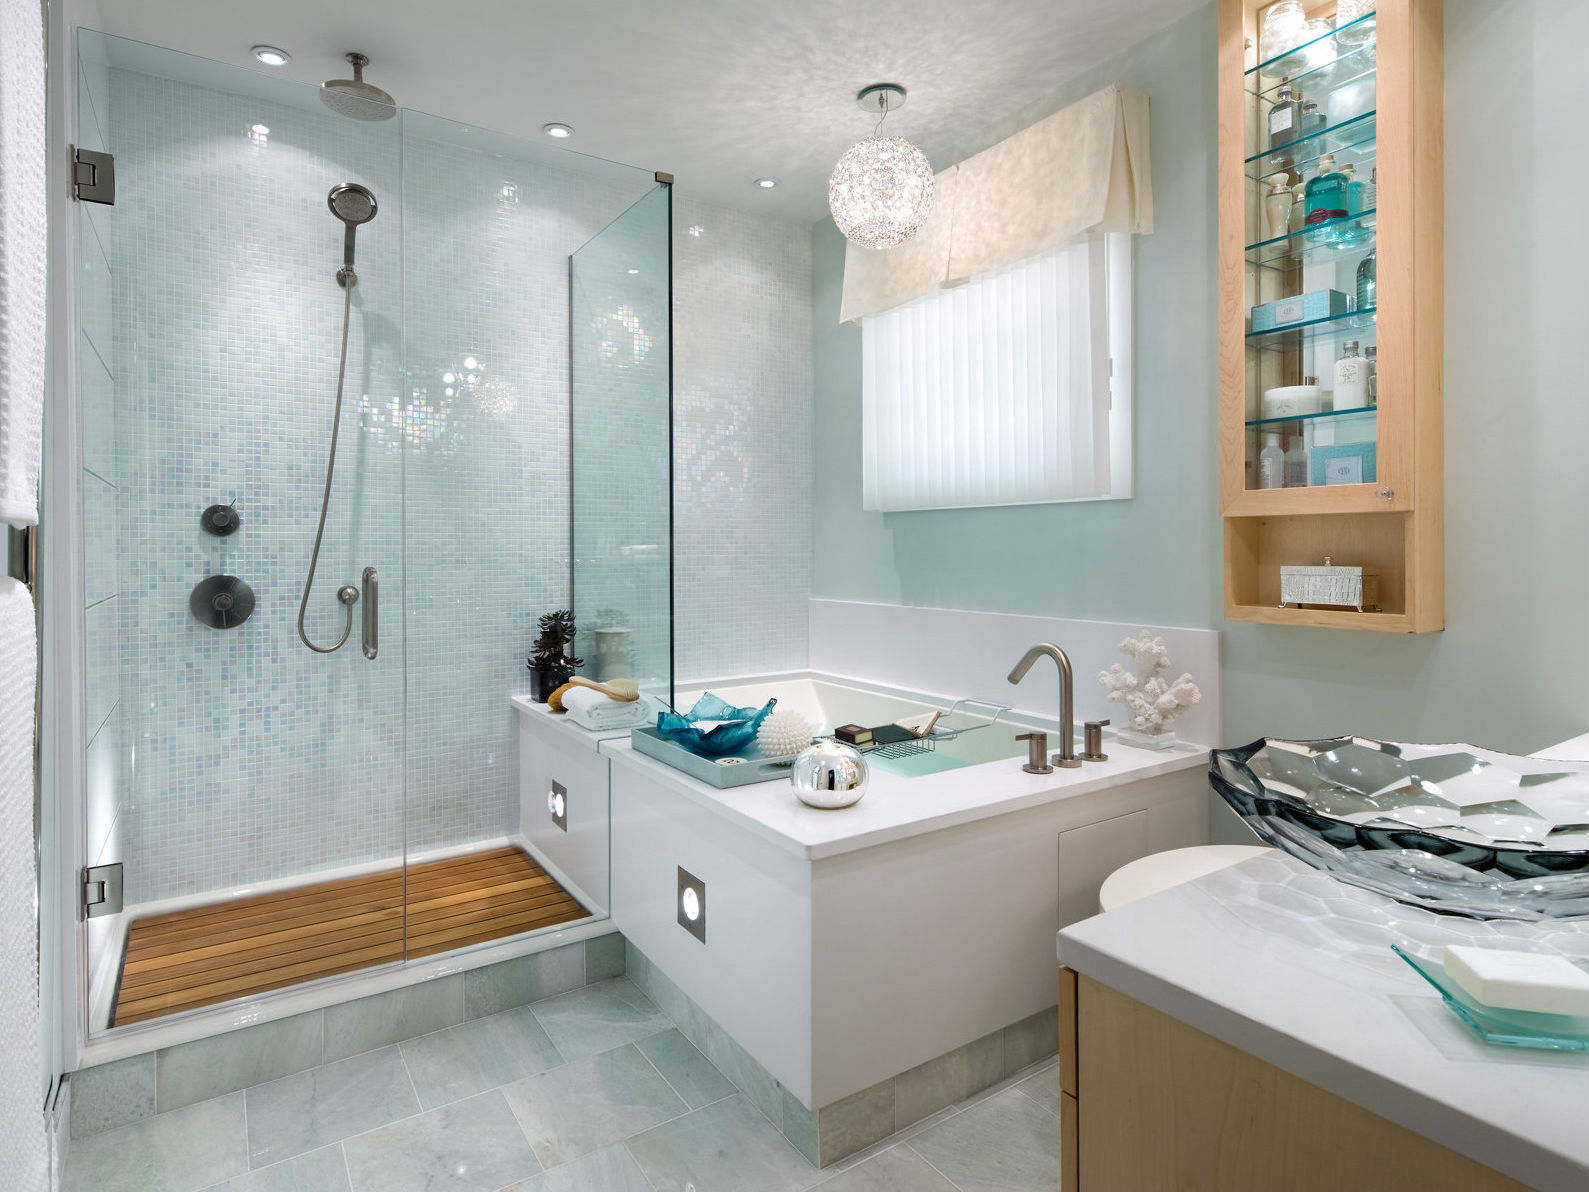 Планировка ванной комнаты – уют и функциональность не зависят от размеров!